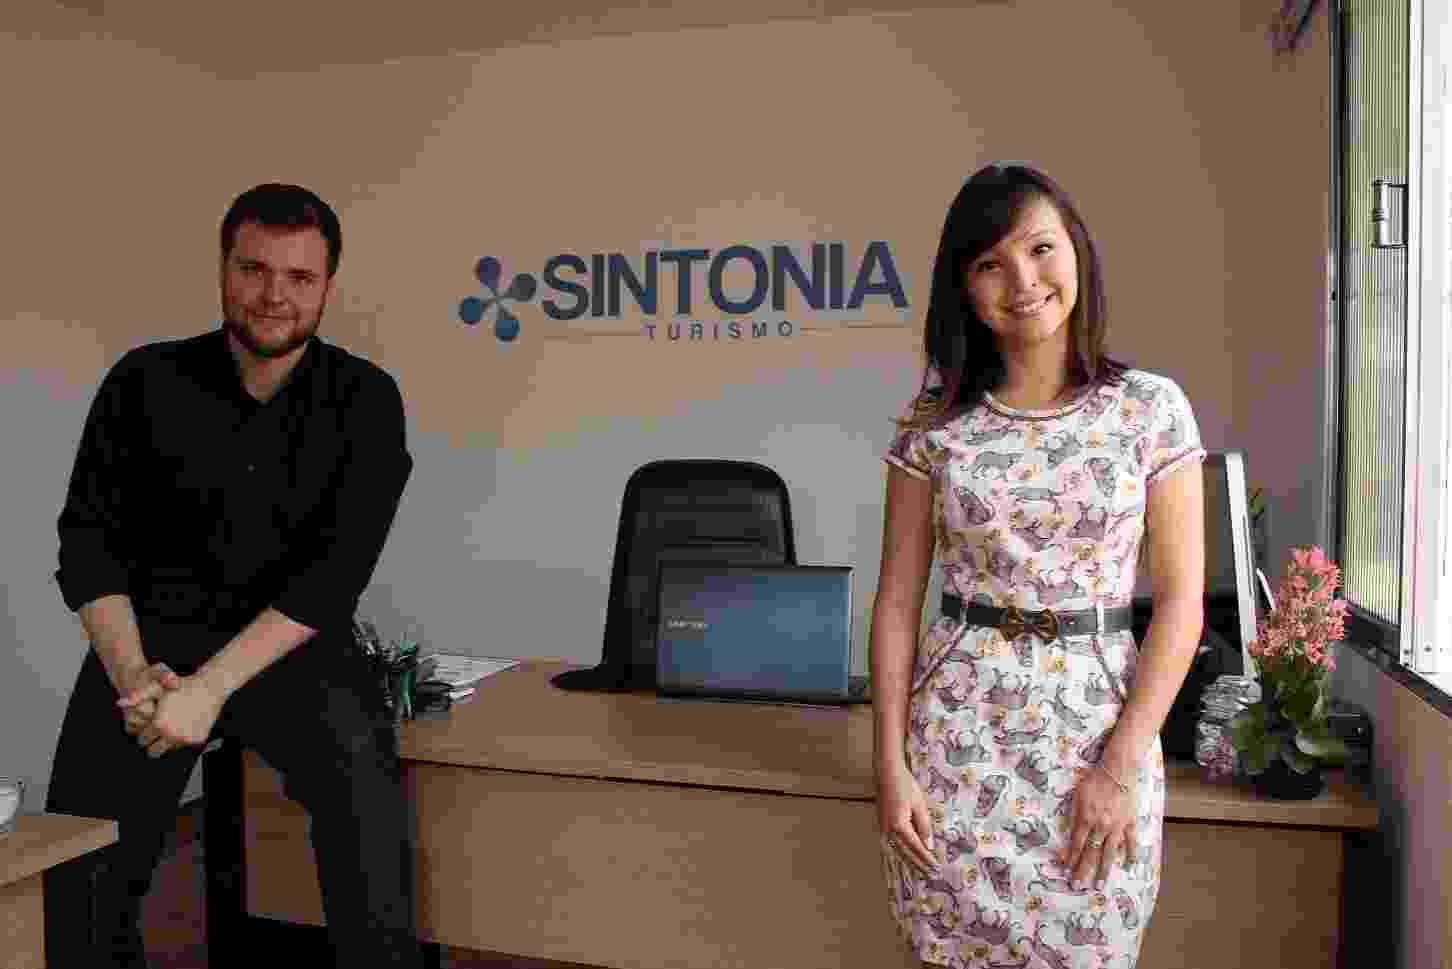 Daniel Barros e Karen Mariano, sócios da agência Sintonia Turismo, em São Caetano do Sul (SP), que fica nos fundos da casa de Karen - Divulgação